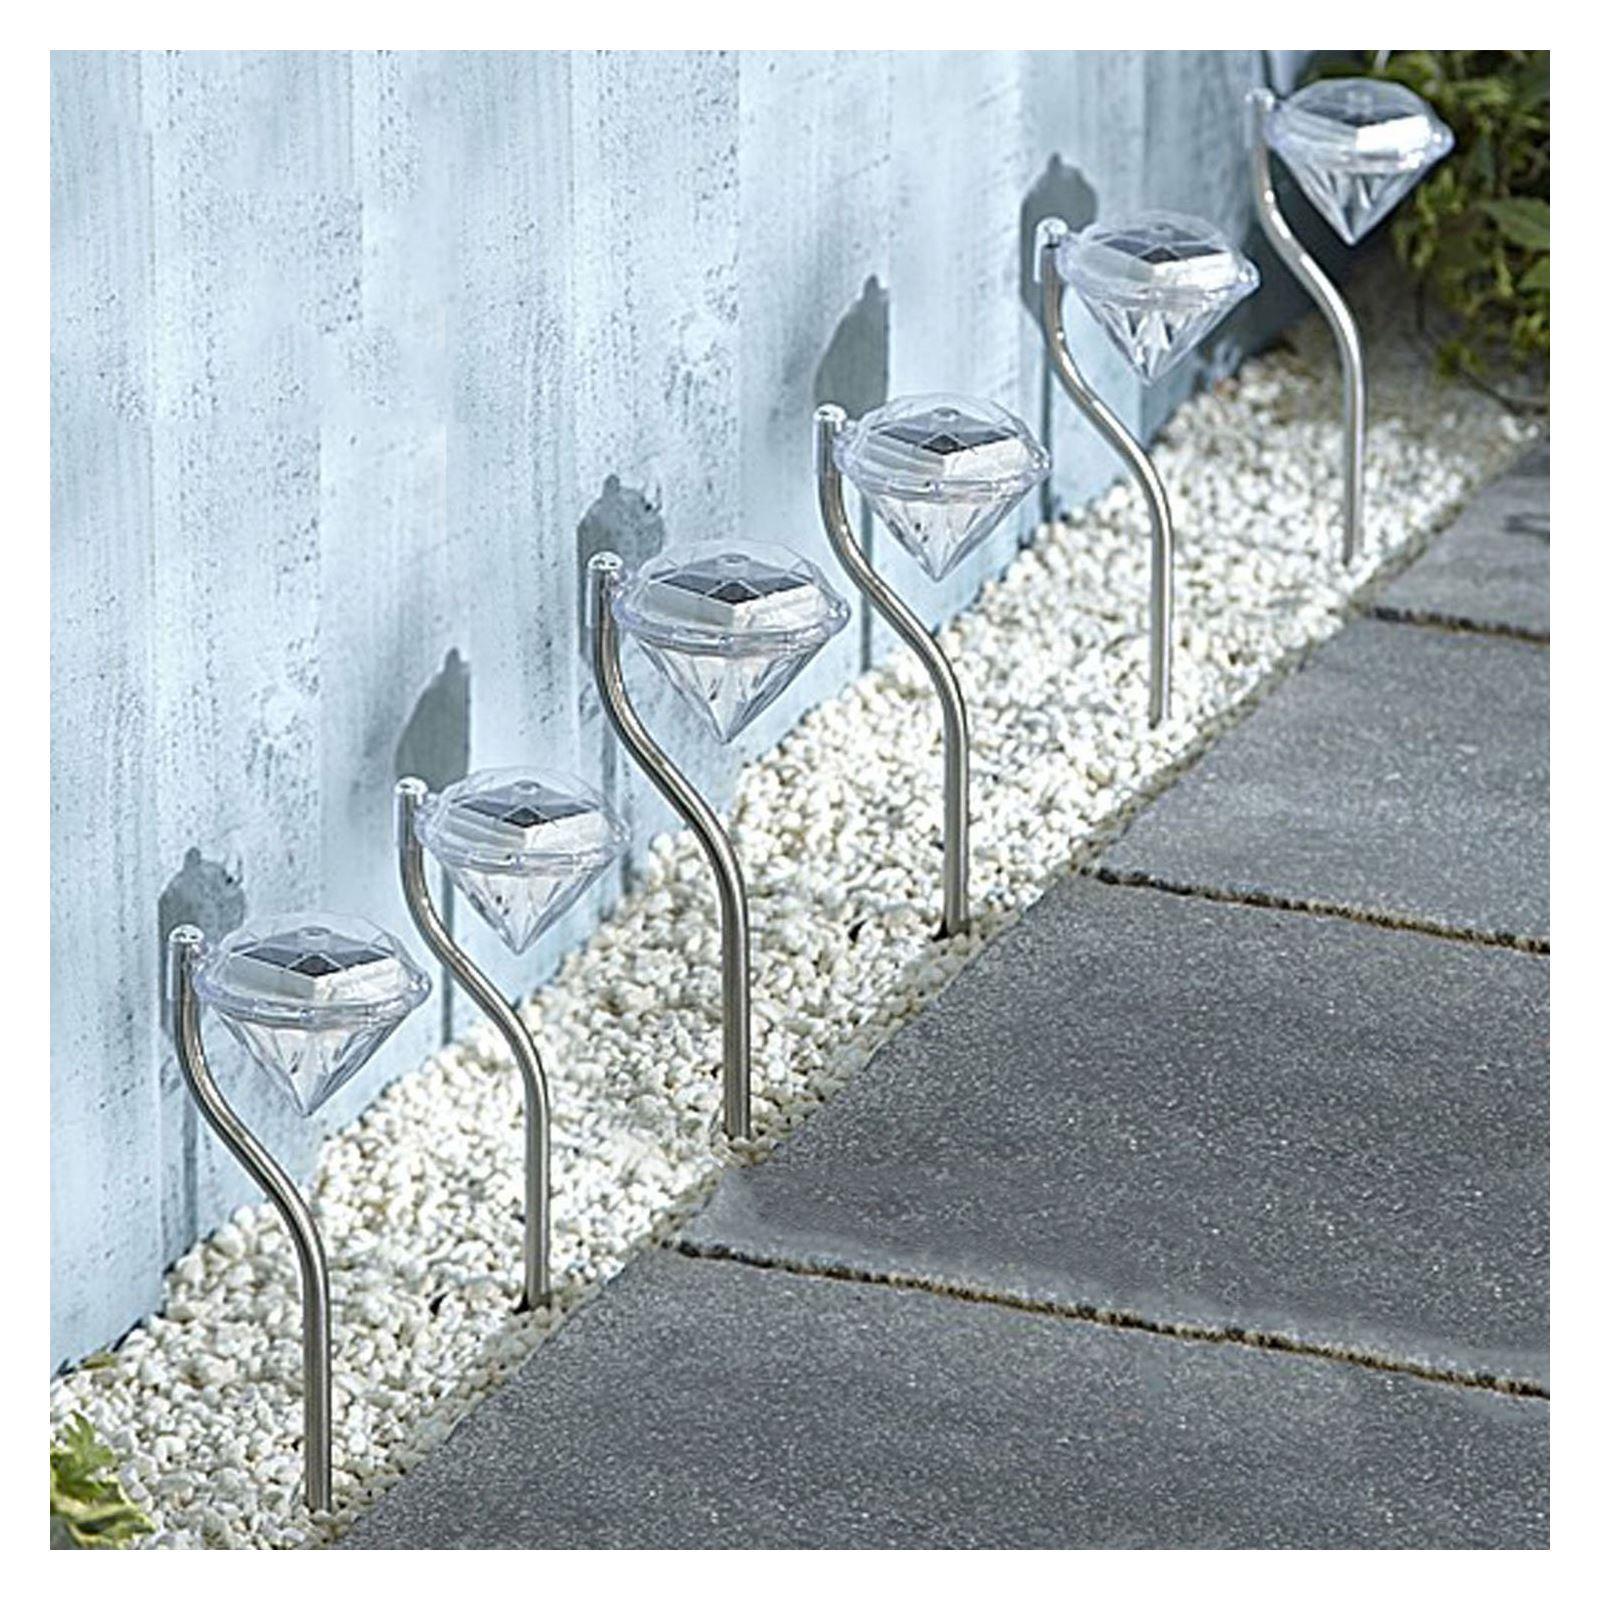 ASAB-10-x-a-energie-solaire-en-acier-inoxydable-jardin-poste-lumieres-DEL-eclairage-exterieur miniature 11